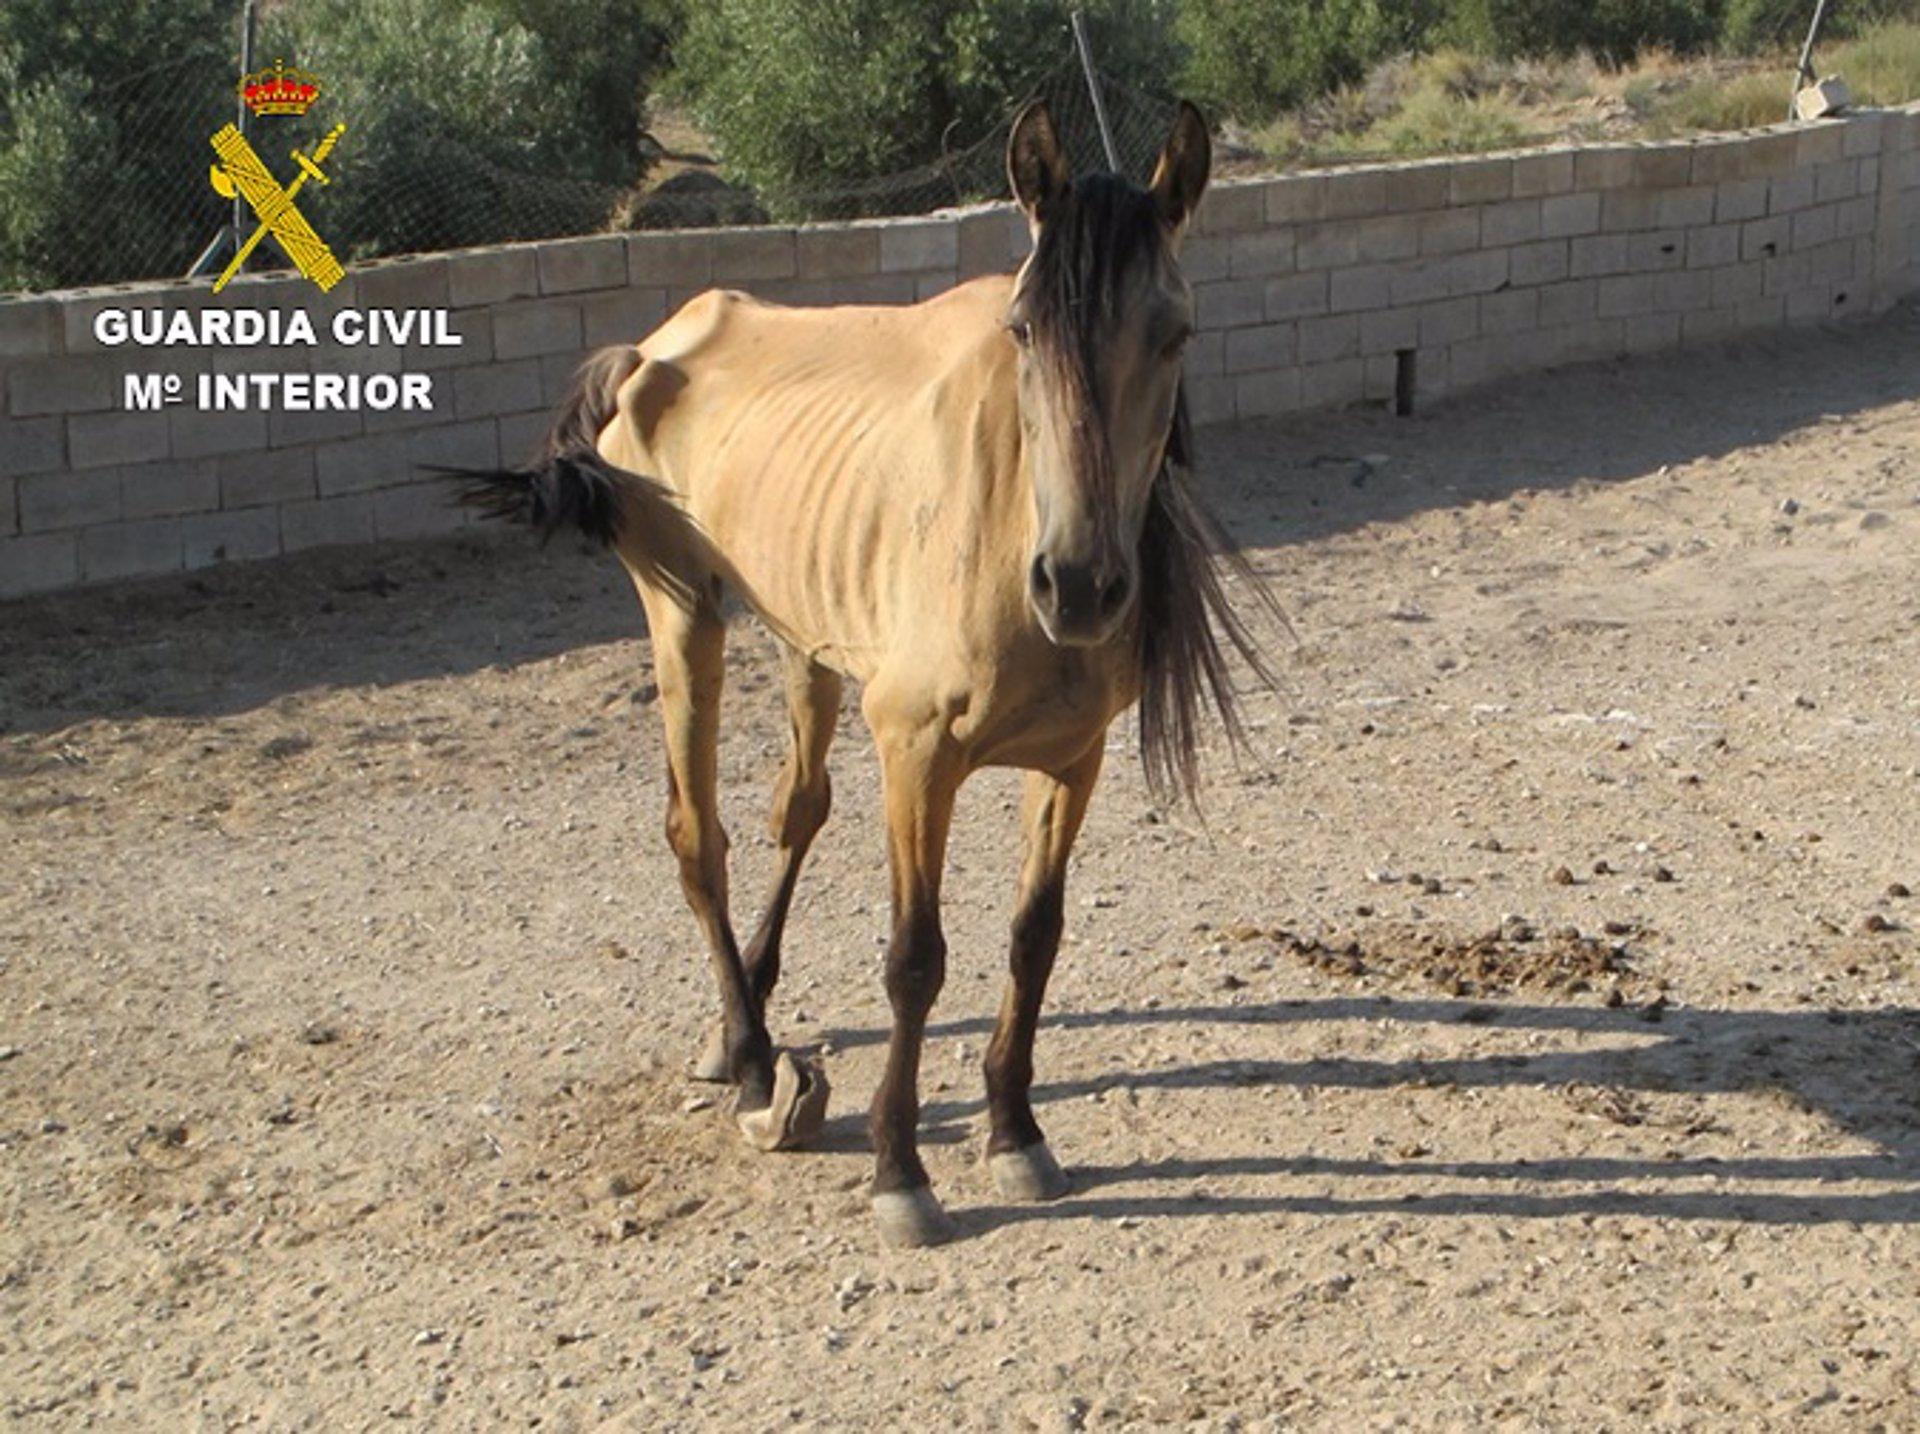 Investigado por maltrato animal de una yegua que llevaba cuatro años sin asistencia veterinaria